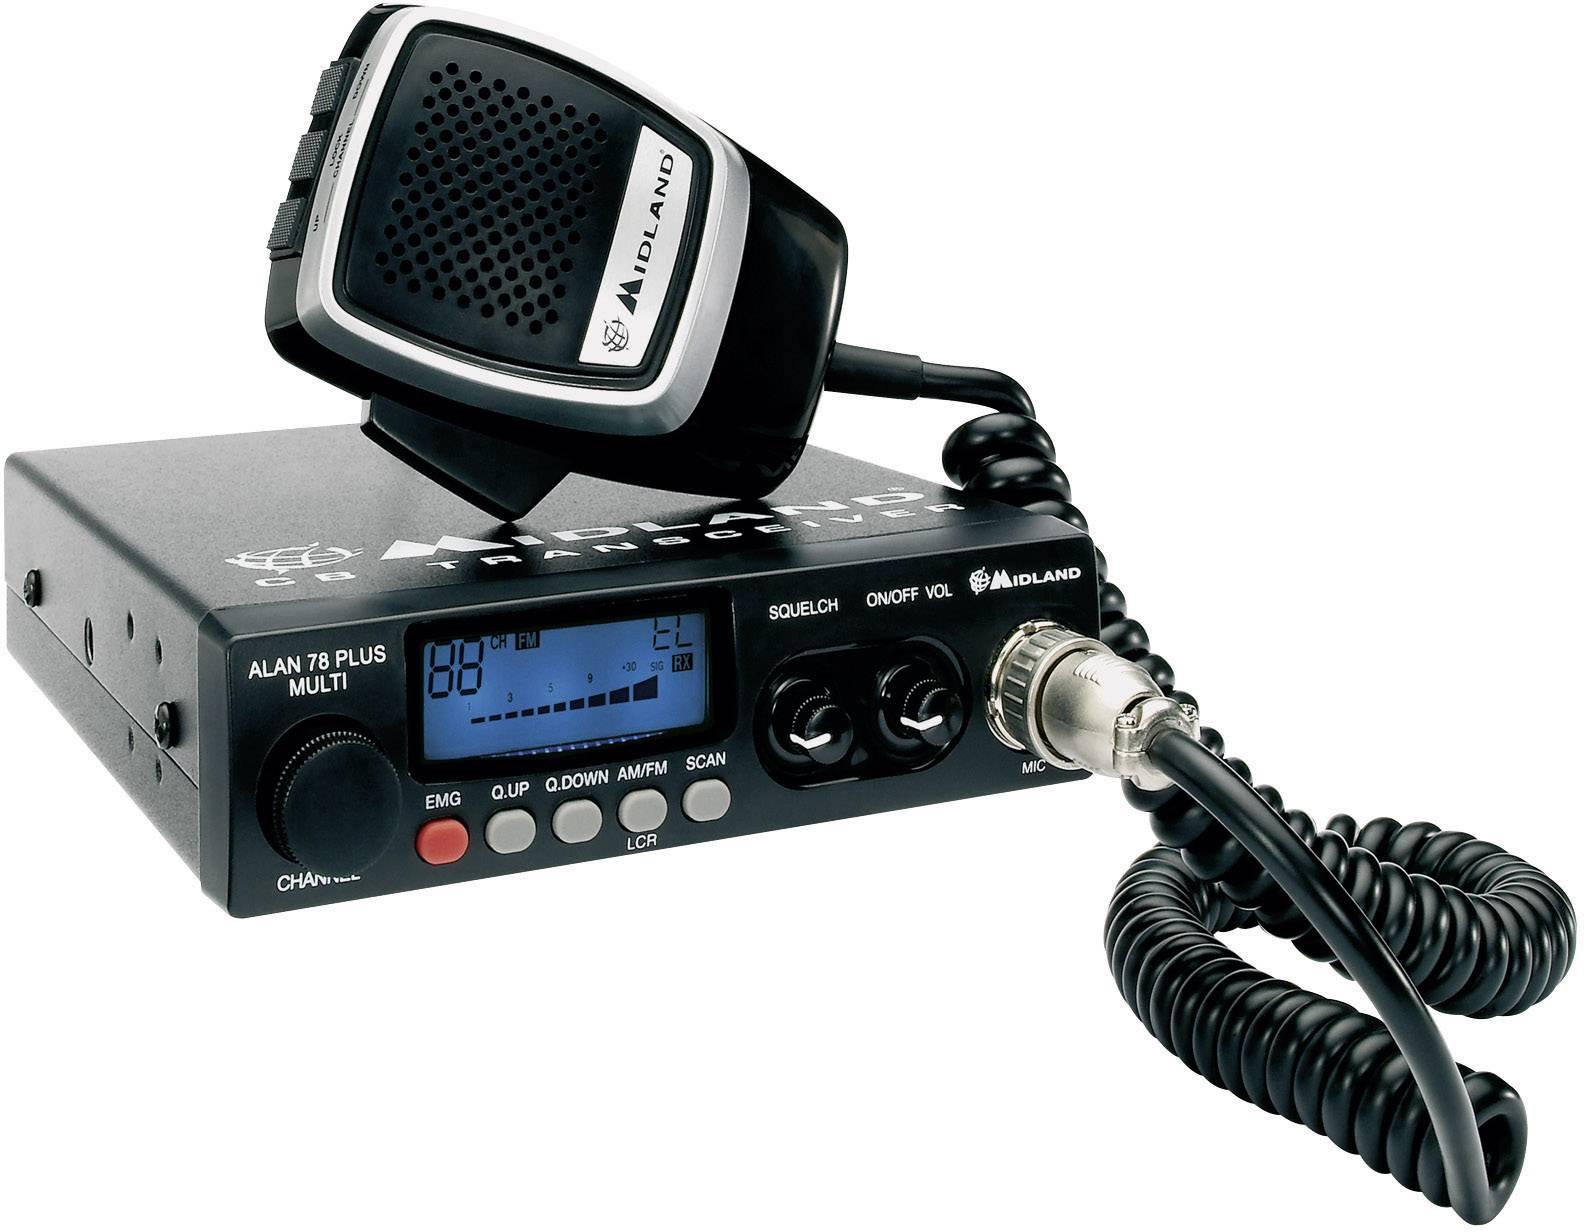 CB rádiostanica/vysielačka Midland ALAN 78 B Plus C423.15